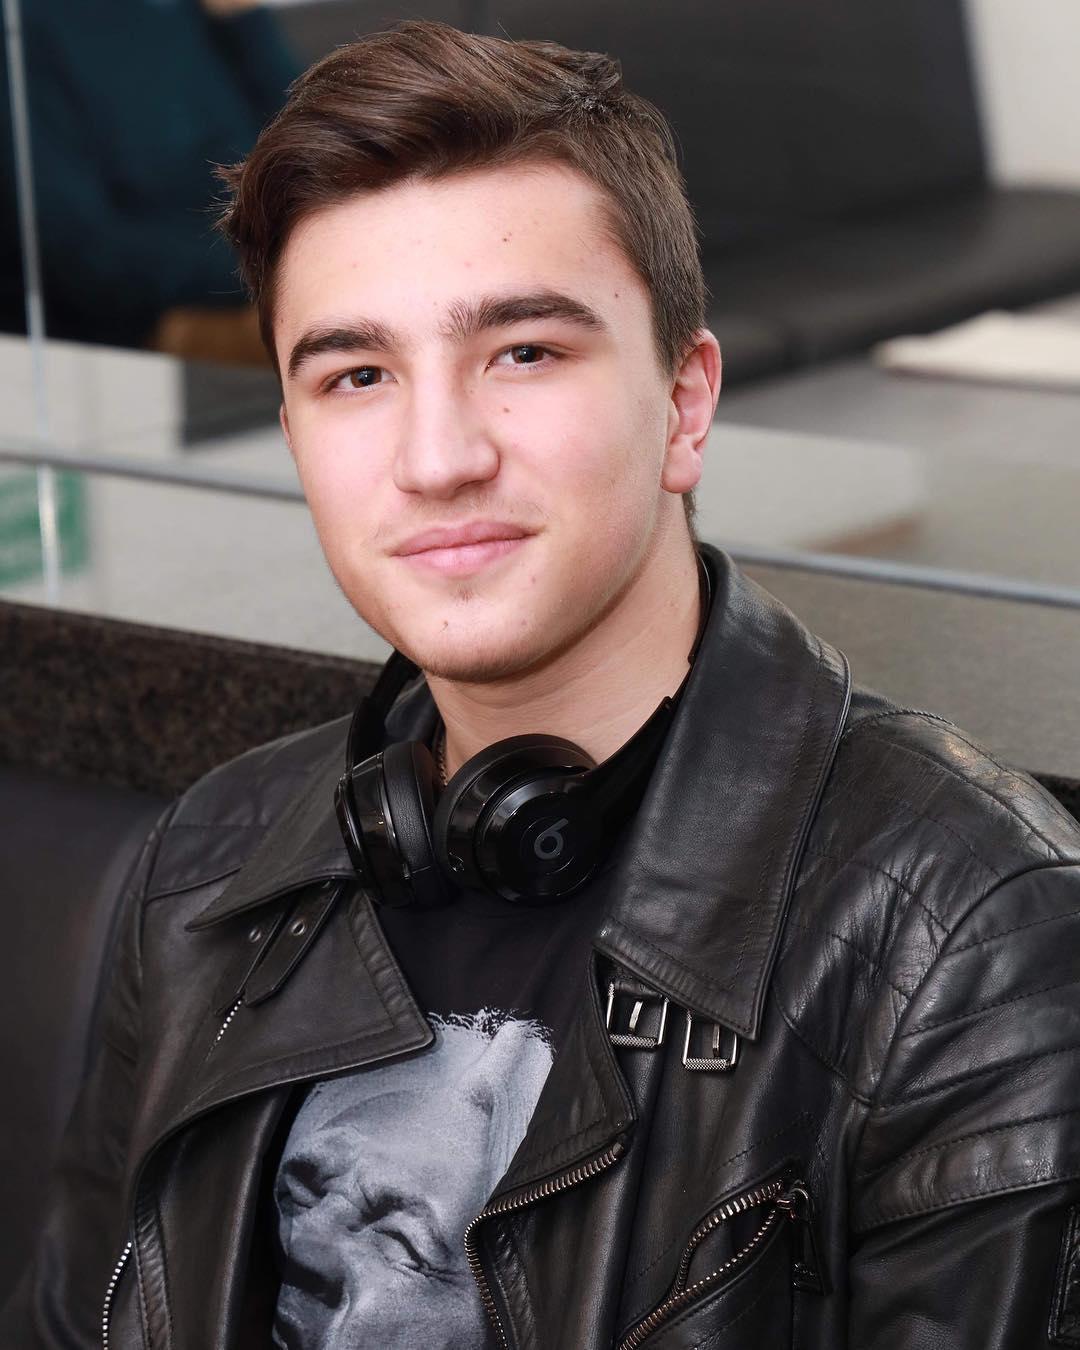 Максим Хворостовский родился 7 июля 2003 года